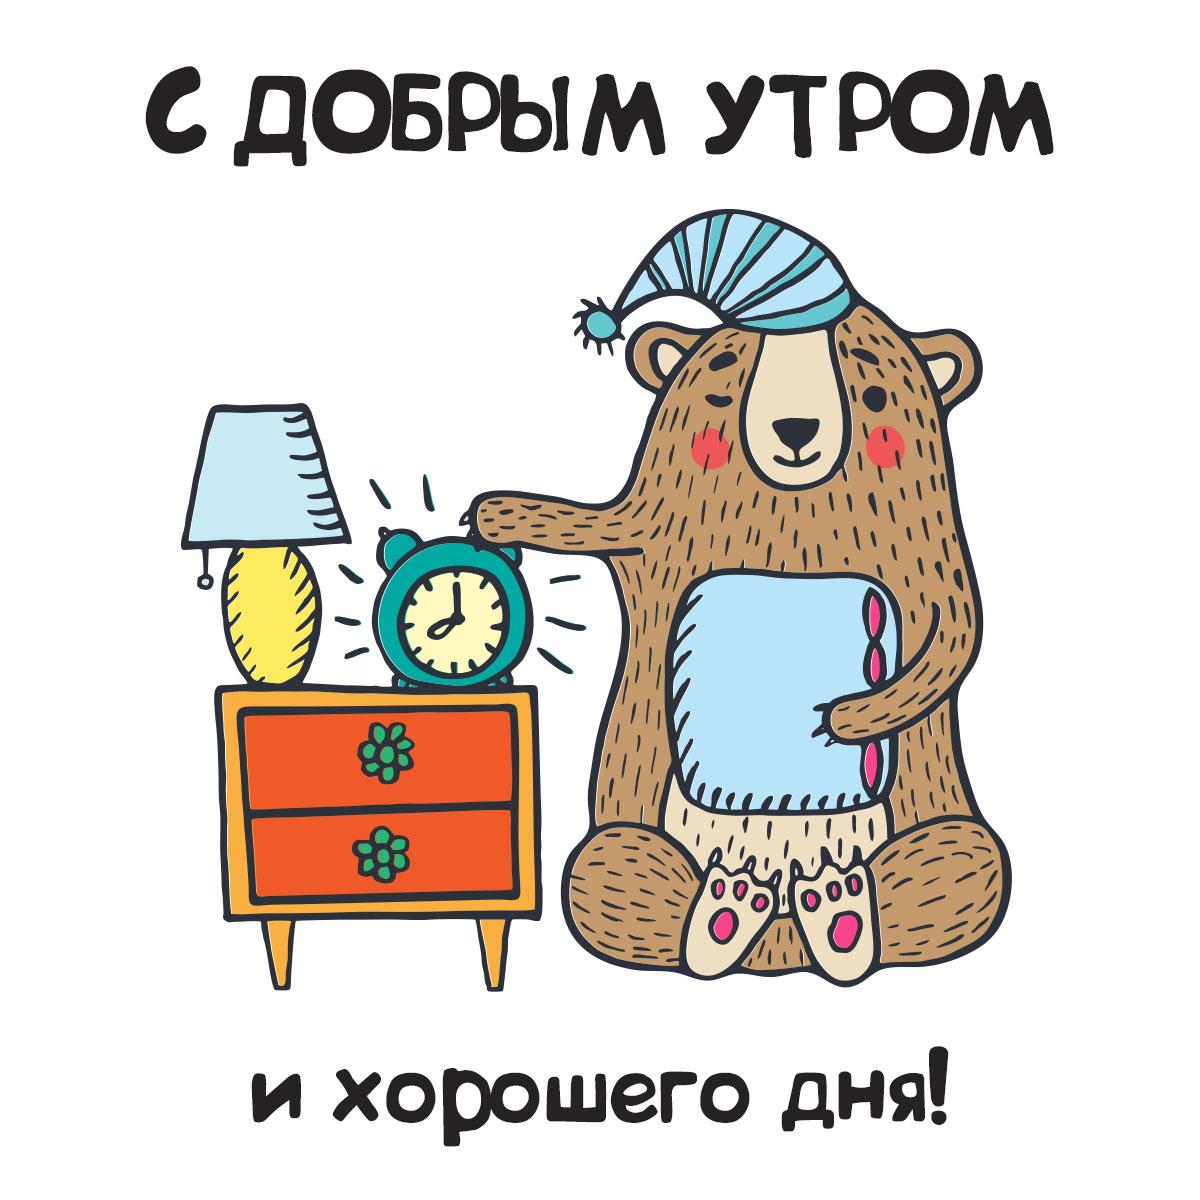 Картинка с надписью доброе утро хорошего дня: мультипликационный медведь в колпаке для сна с подушкой возле тумбочки с лампой и будильником.